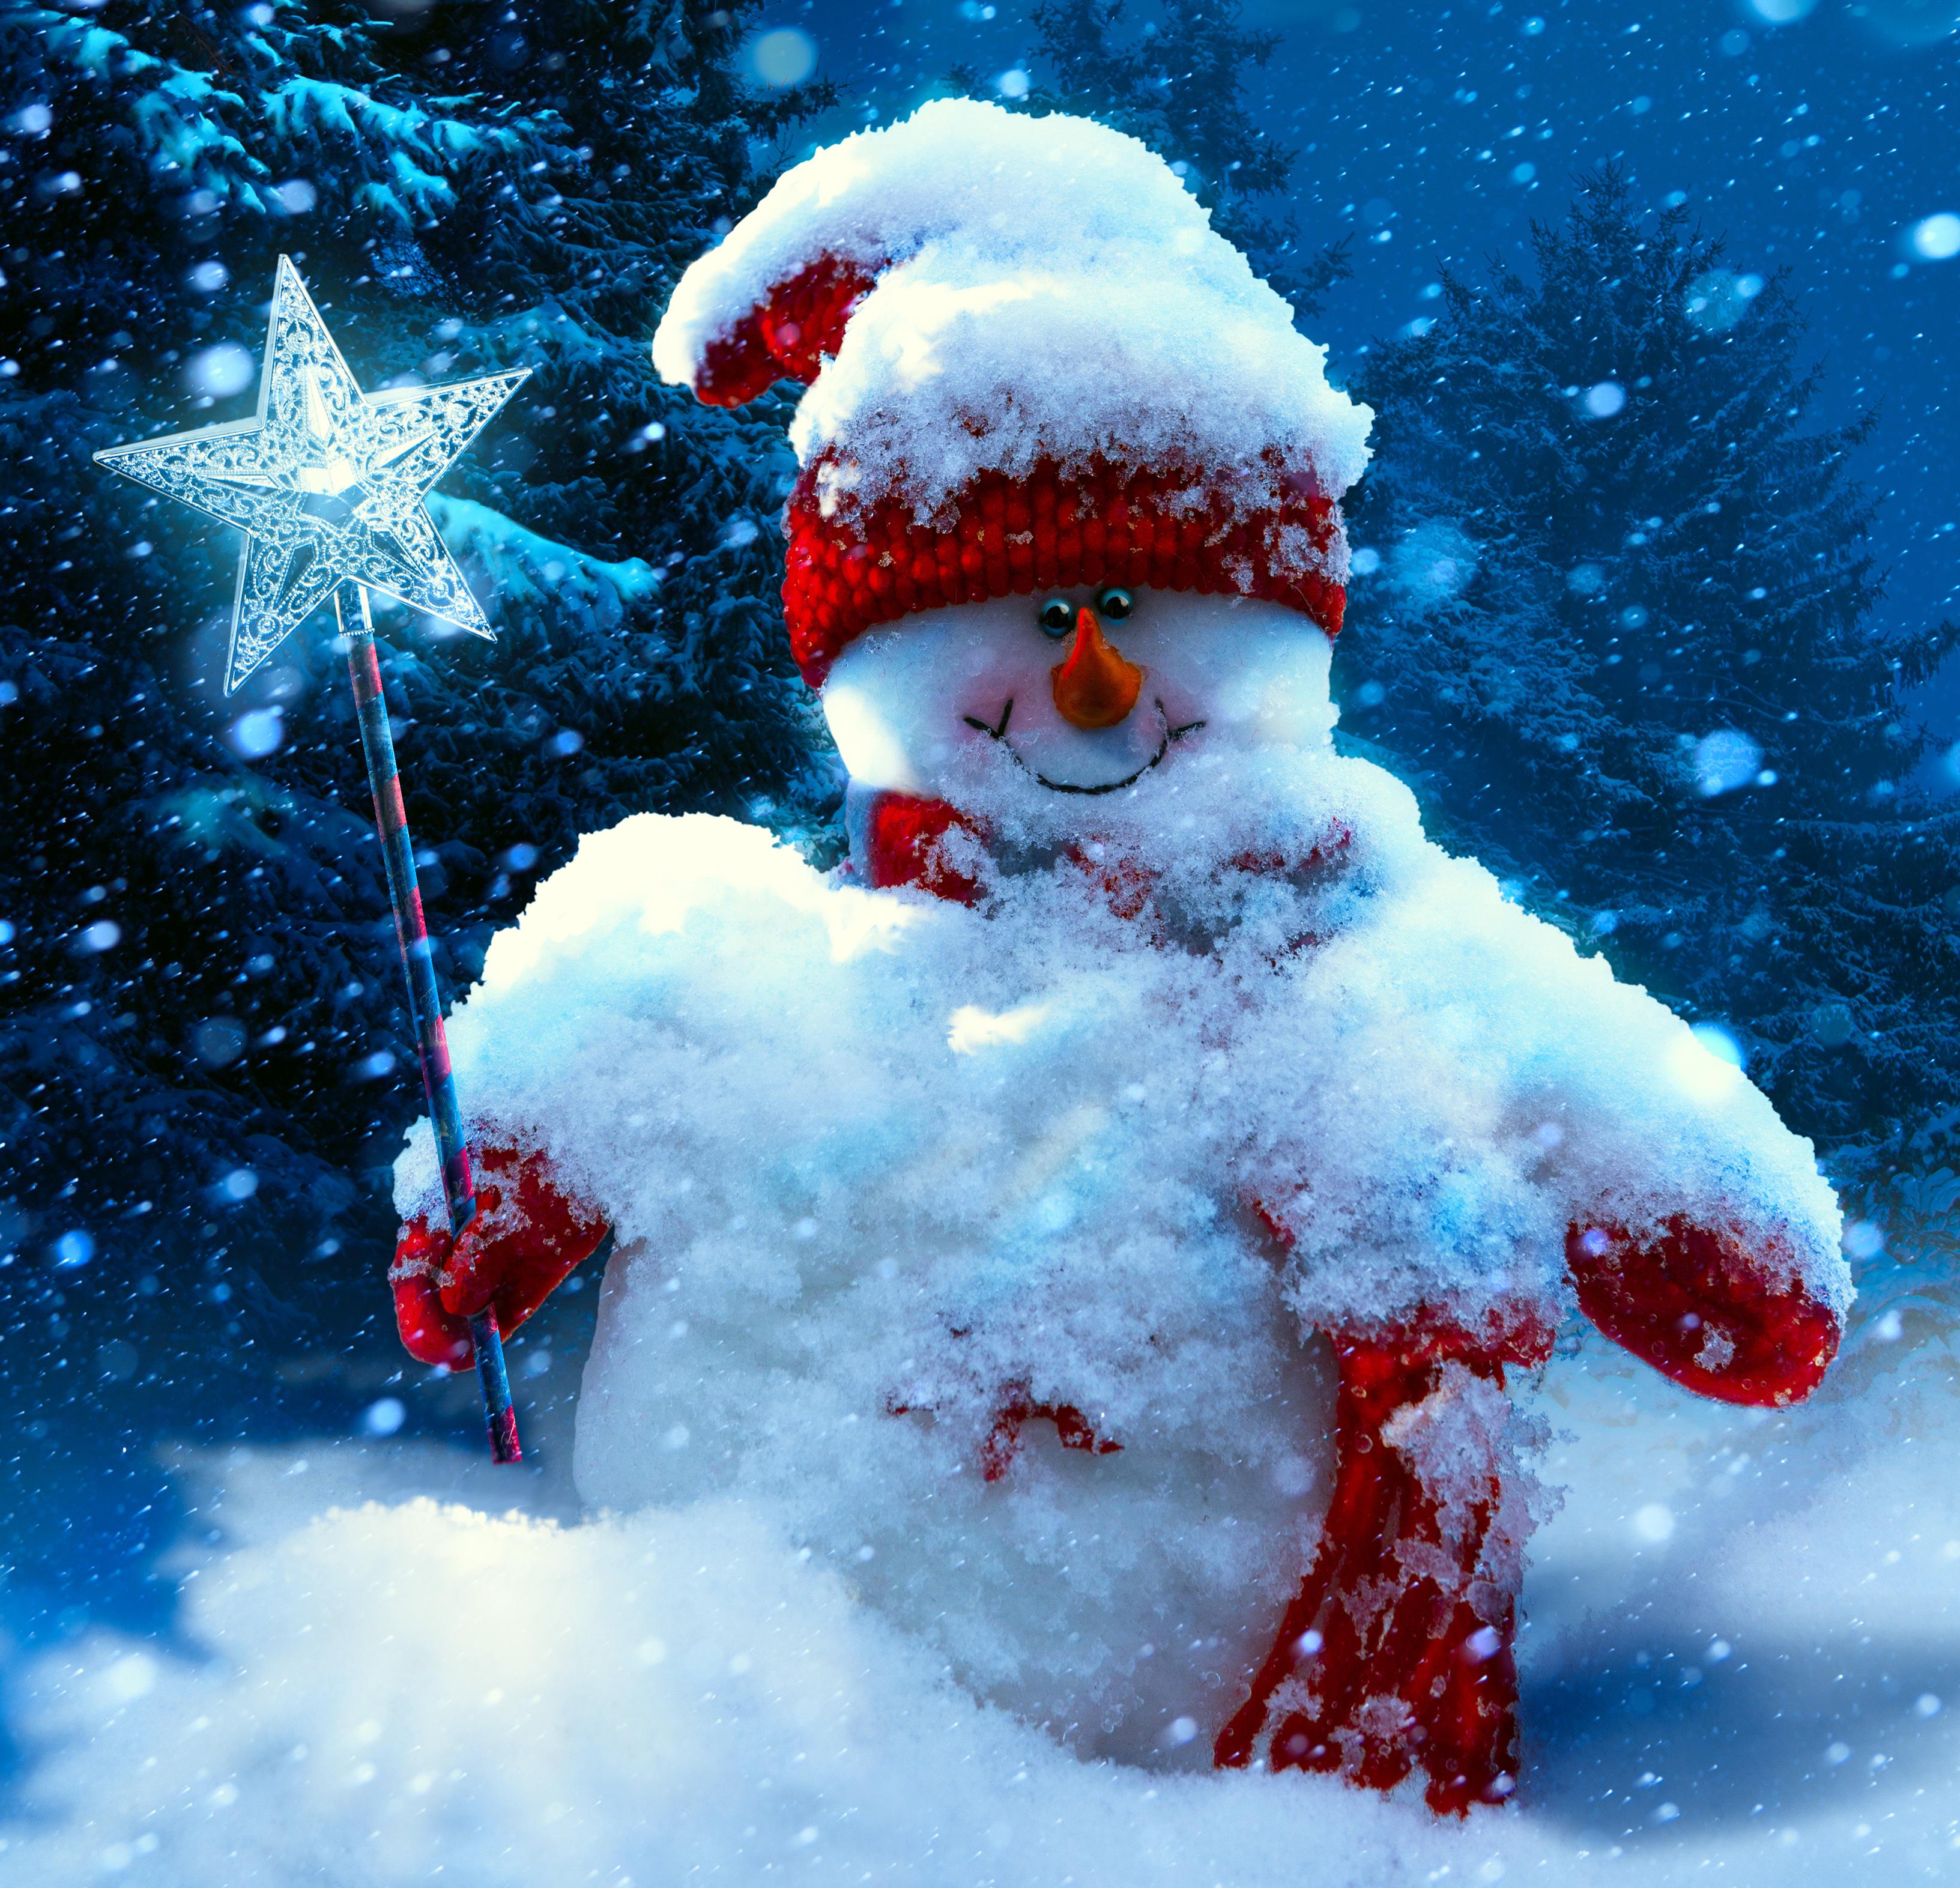 пожарный кран фокус снег зима  № 1512004 без смс